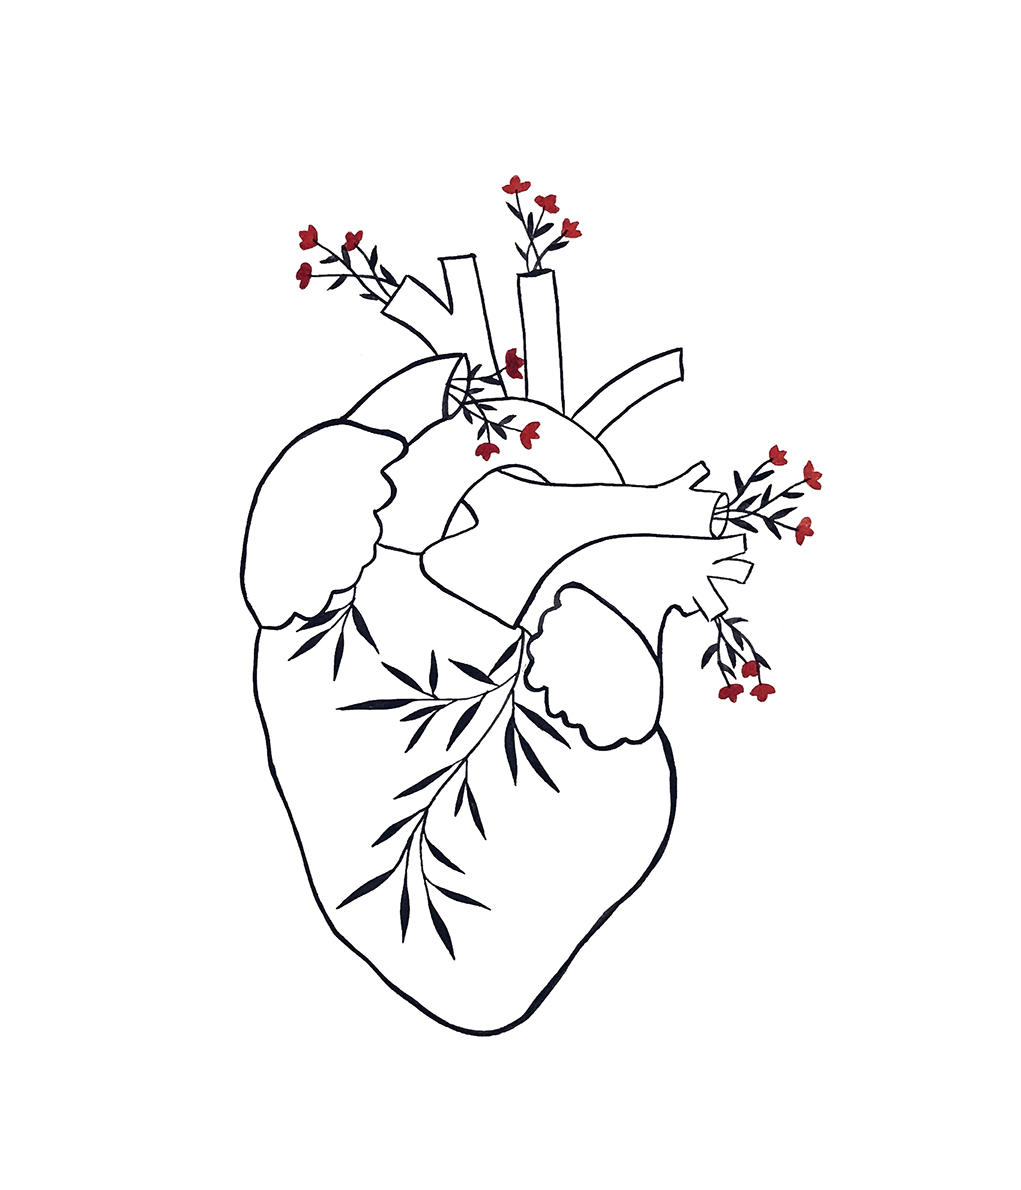 claudiaiarca_heart_inktober